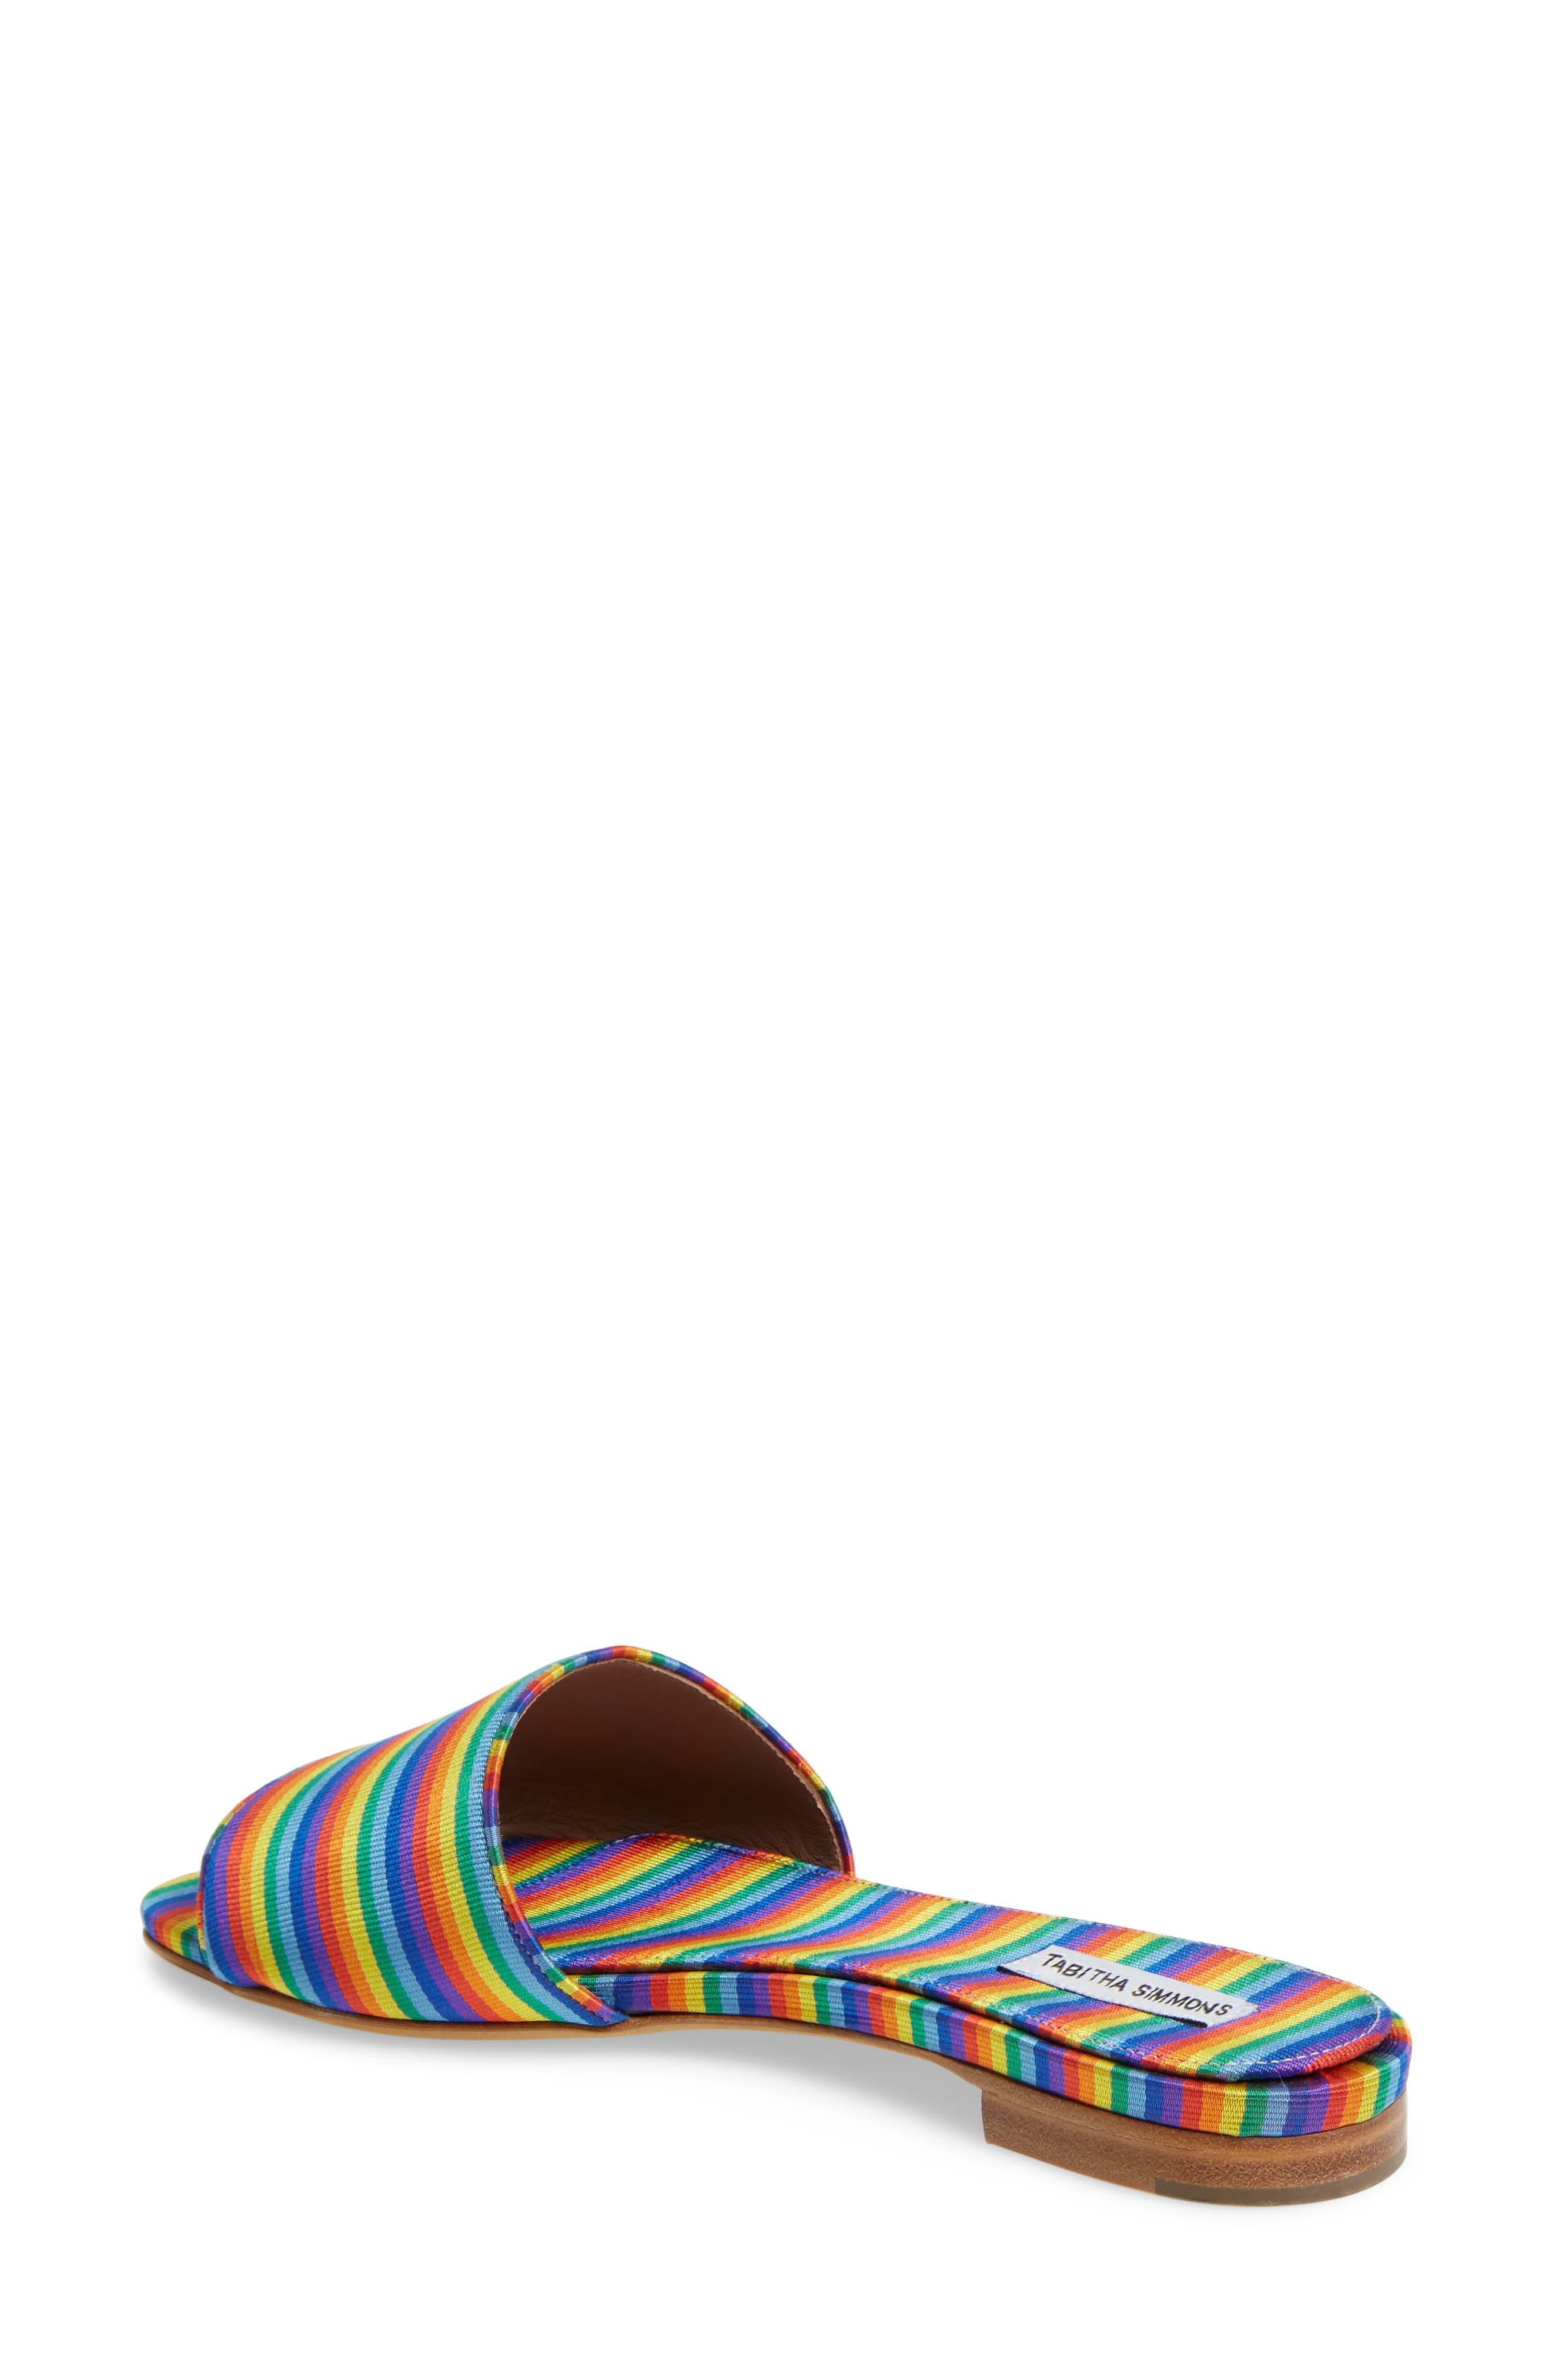 Sprinkles Slide Sandal,                             Alternate thumbnail 2, color,                             Rainbow